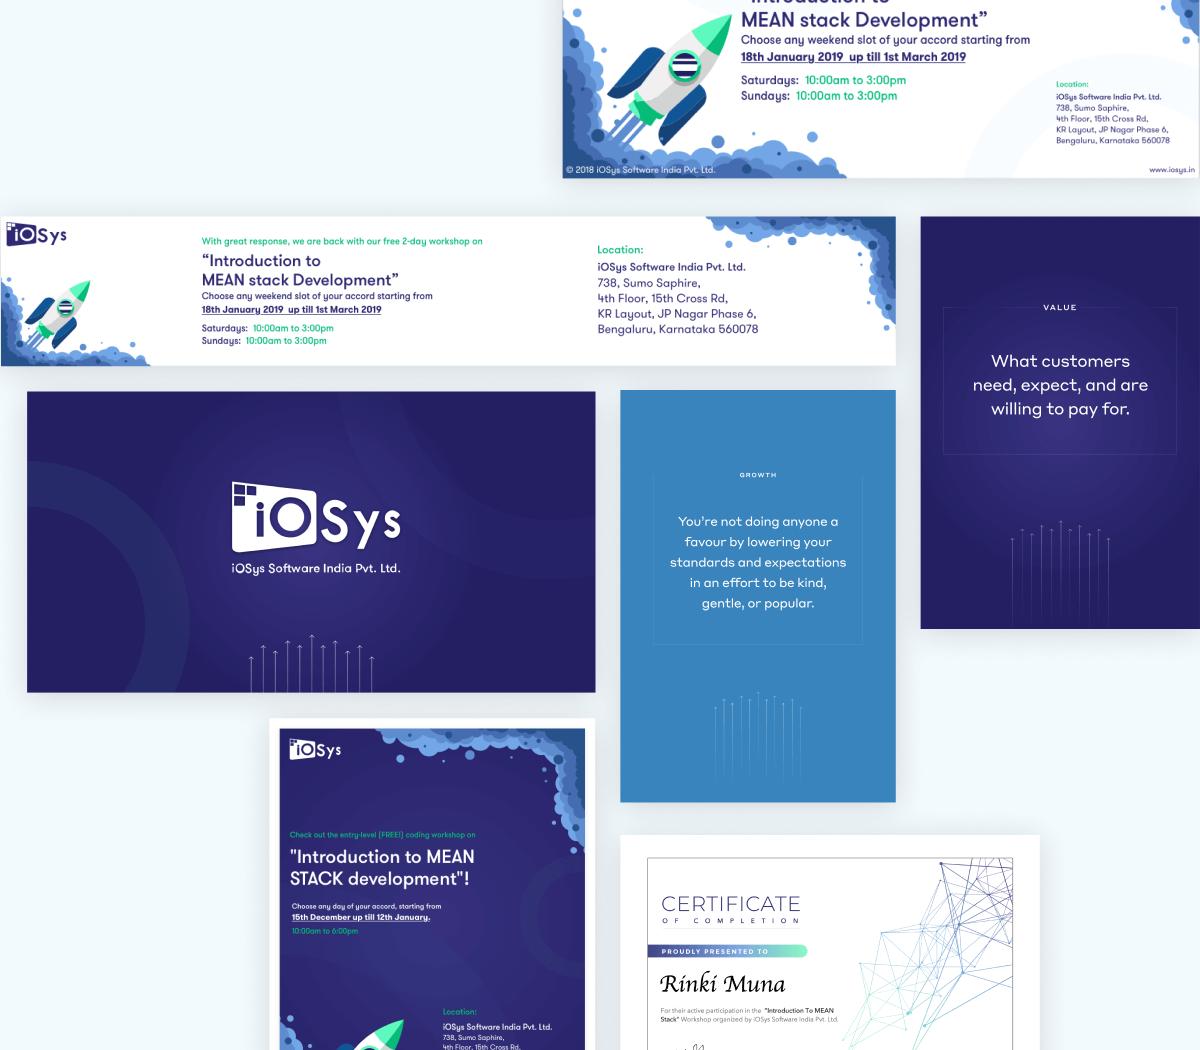 iOSys Social Media-2